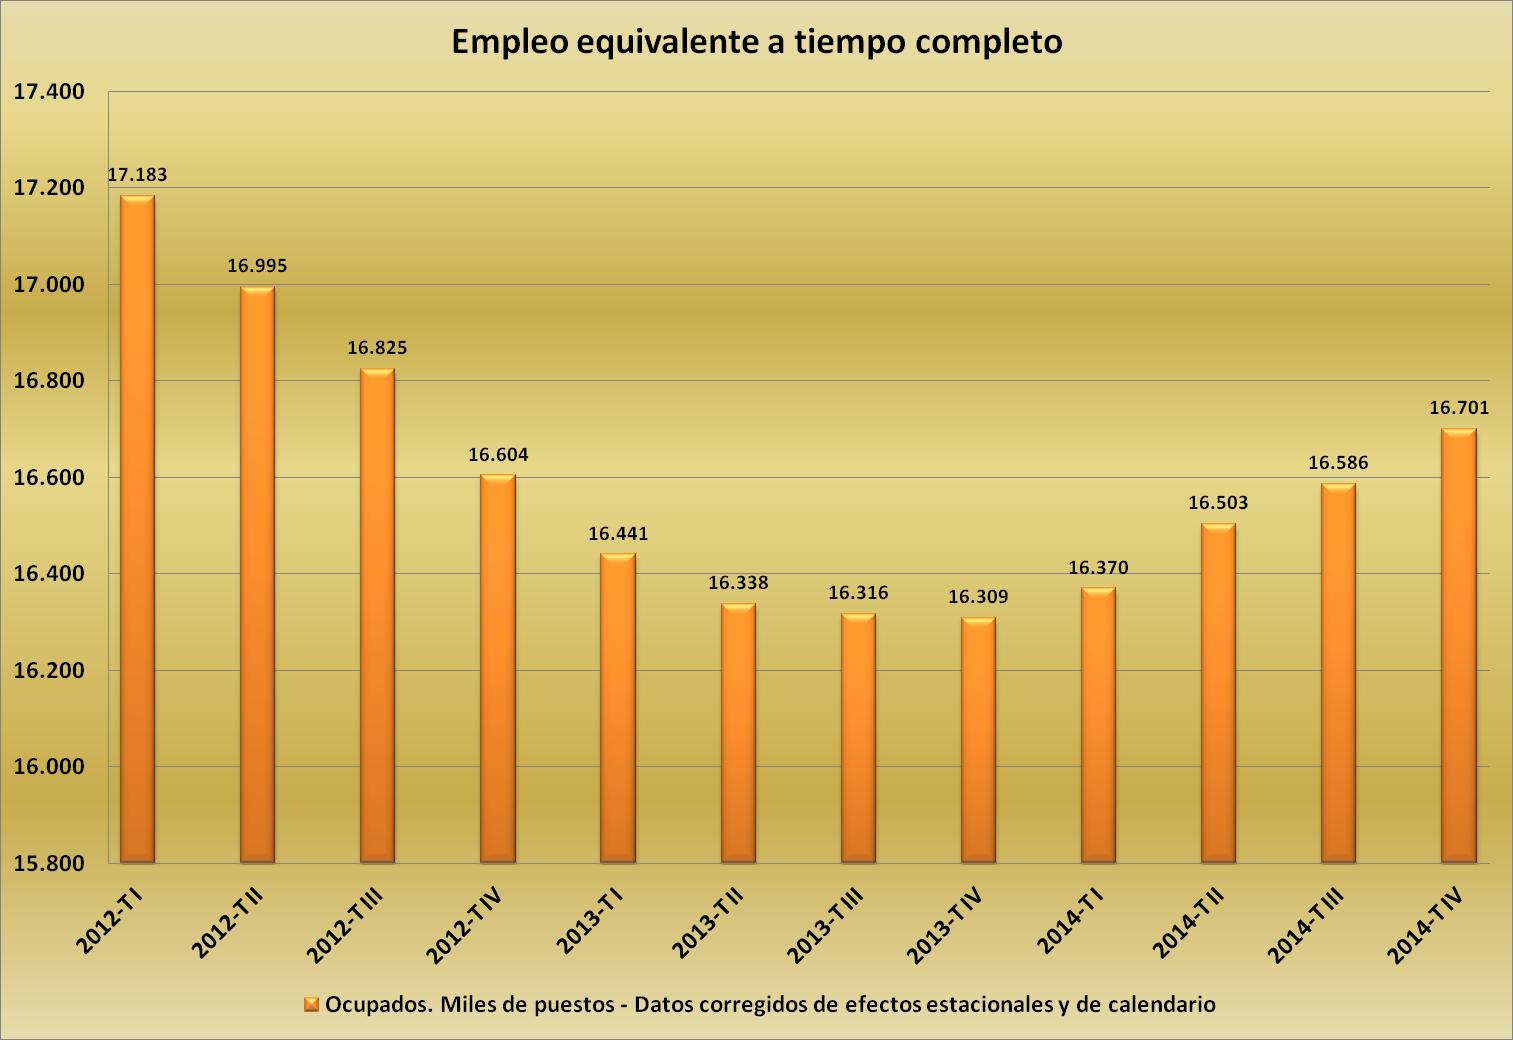 Fuente: Datos de la Contabilidad Nacional INE